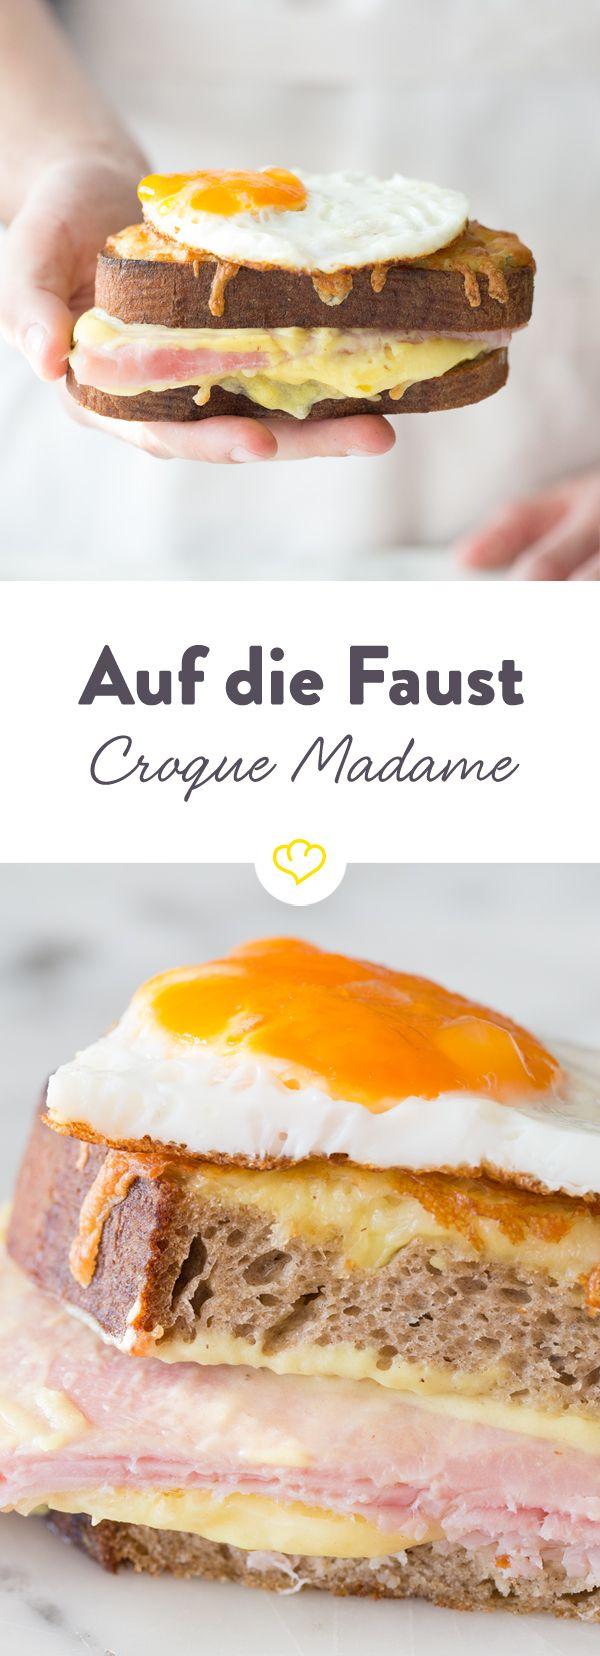 Auf die Faust - Croque Madame